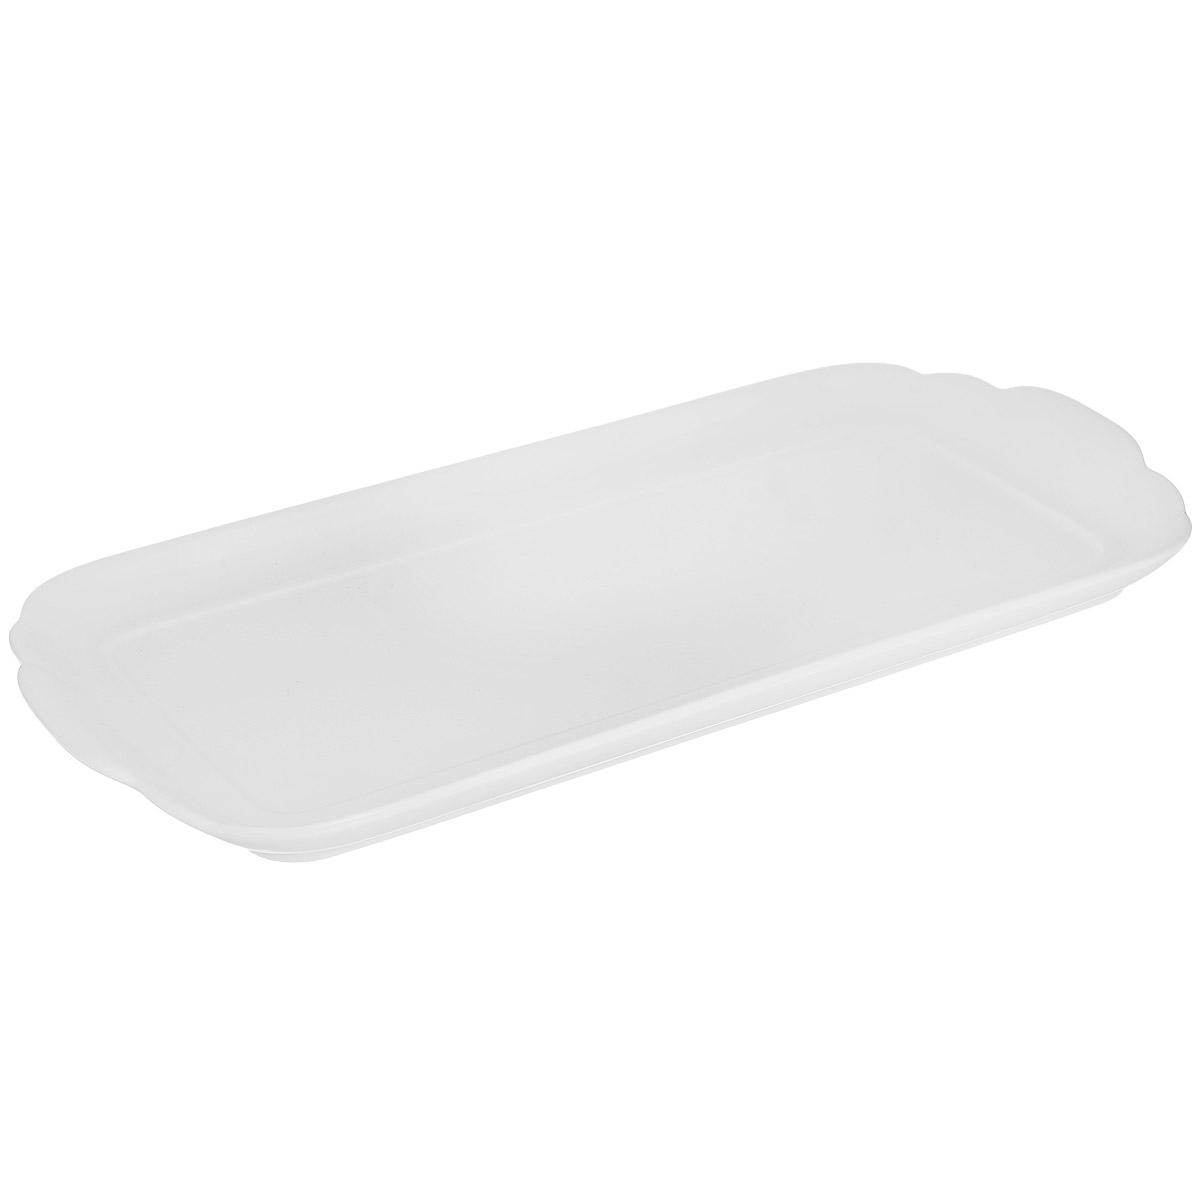 Блюдо Royal Porcelain, цвет: белый, 15 см х 33 см89ww/0335Блюдо Royal Porcelain изготовлено из высококачественного костяного фарфора. Основными достоинствами изделий из костяного фарфора являются прочность и абсолютно гладкая глазуровка. Блюдо имеет специальную форму, которая идеально подходит для сервировки рыбы, а также нарезок и закусок. Изящное блюдо Royal Porcelain великолепно украсит праздничный стол и станет прекрасным дополнением к вашему кухонному инвентарю. Можно мыть в посудомоечной машине. Размер блюда (по верхнему краю): 15 см х 33 см. Высота блюда: 2 см.